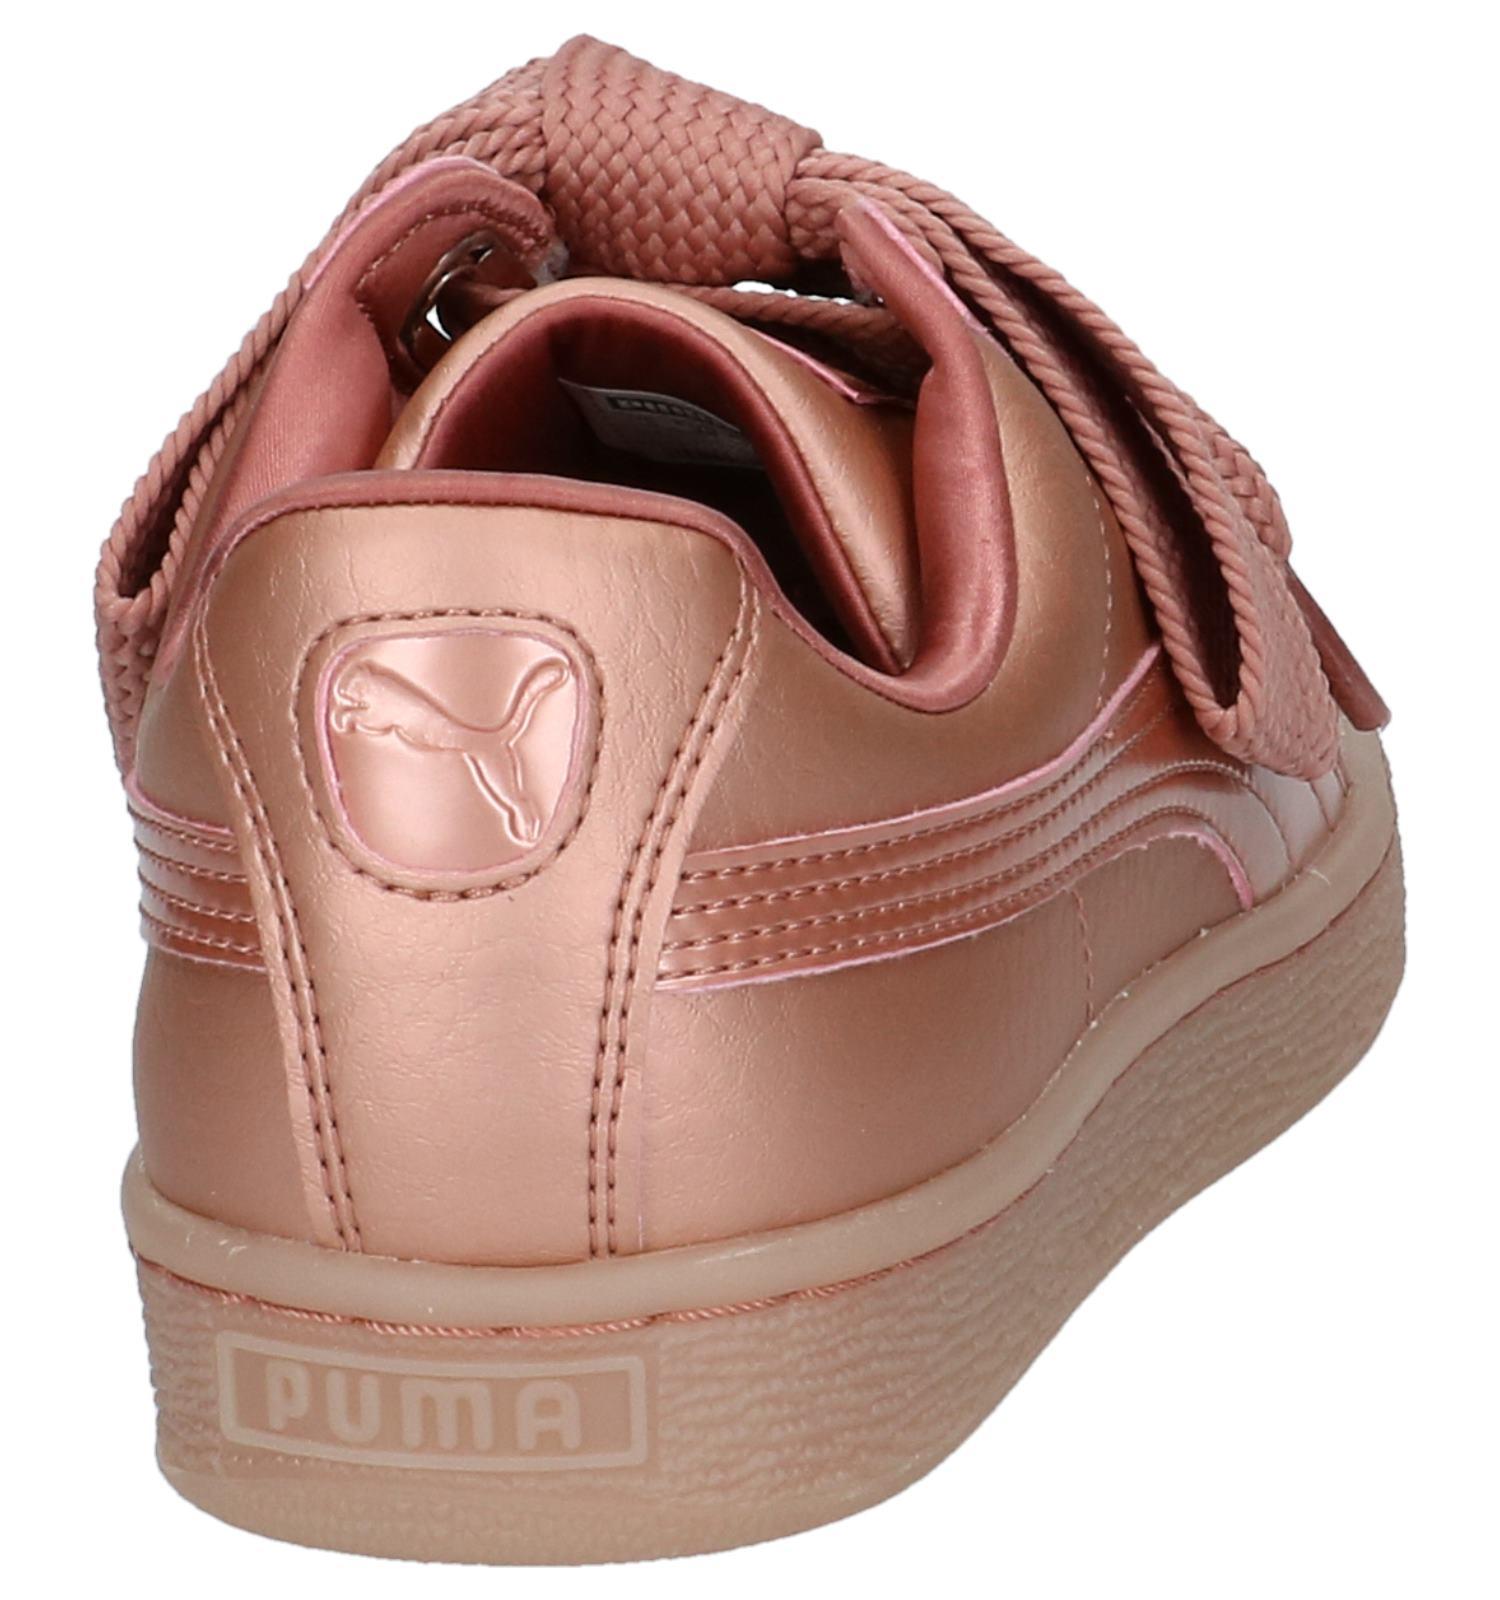 Puma Basket Heart Baskets basses en Or rose | TORFS.BE